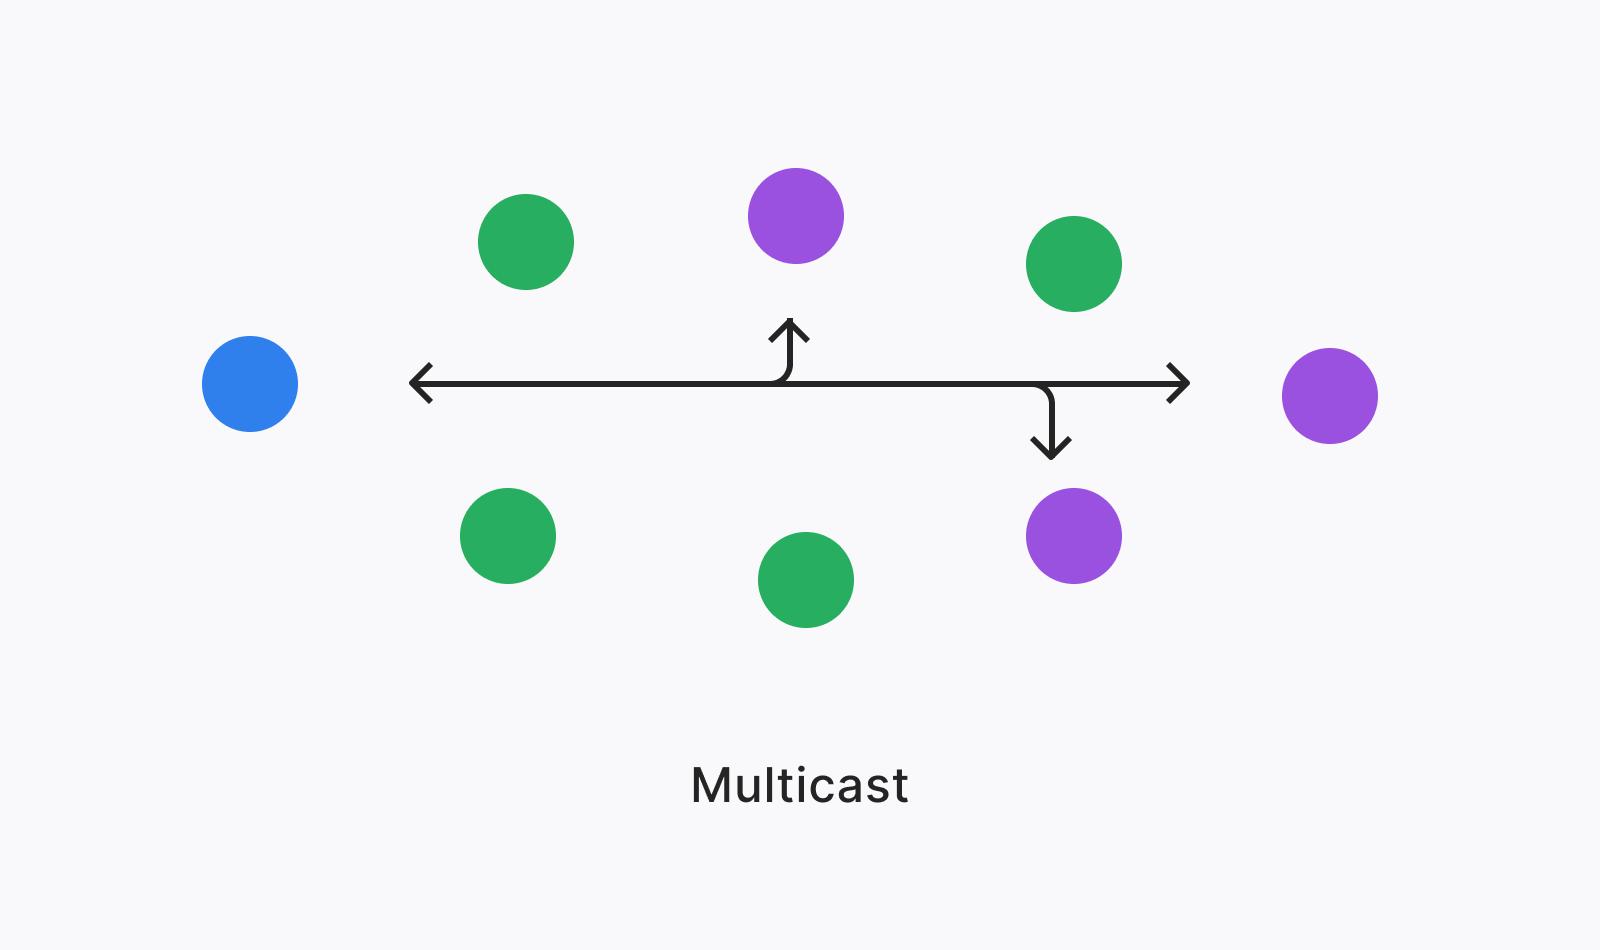 Diagram of Multicast